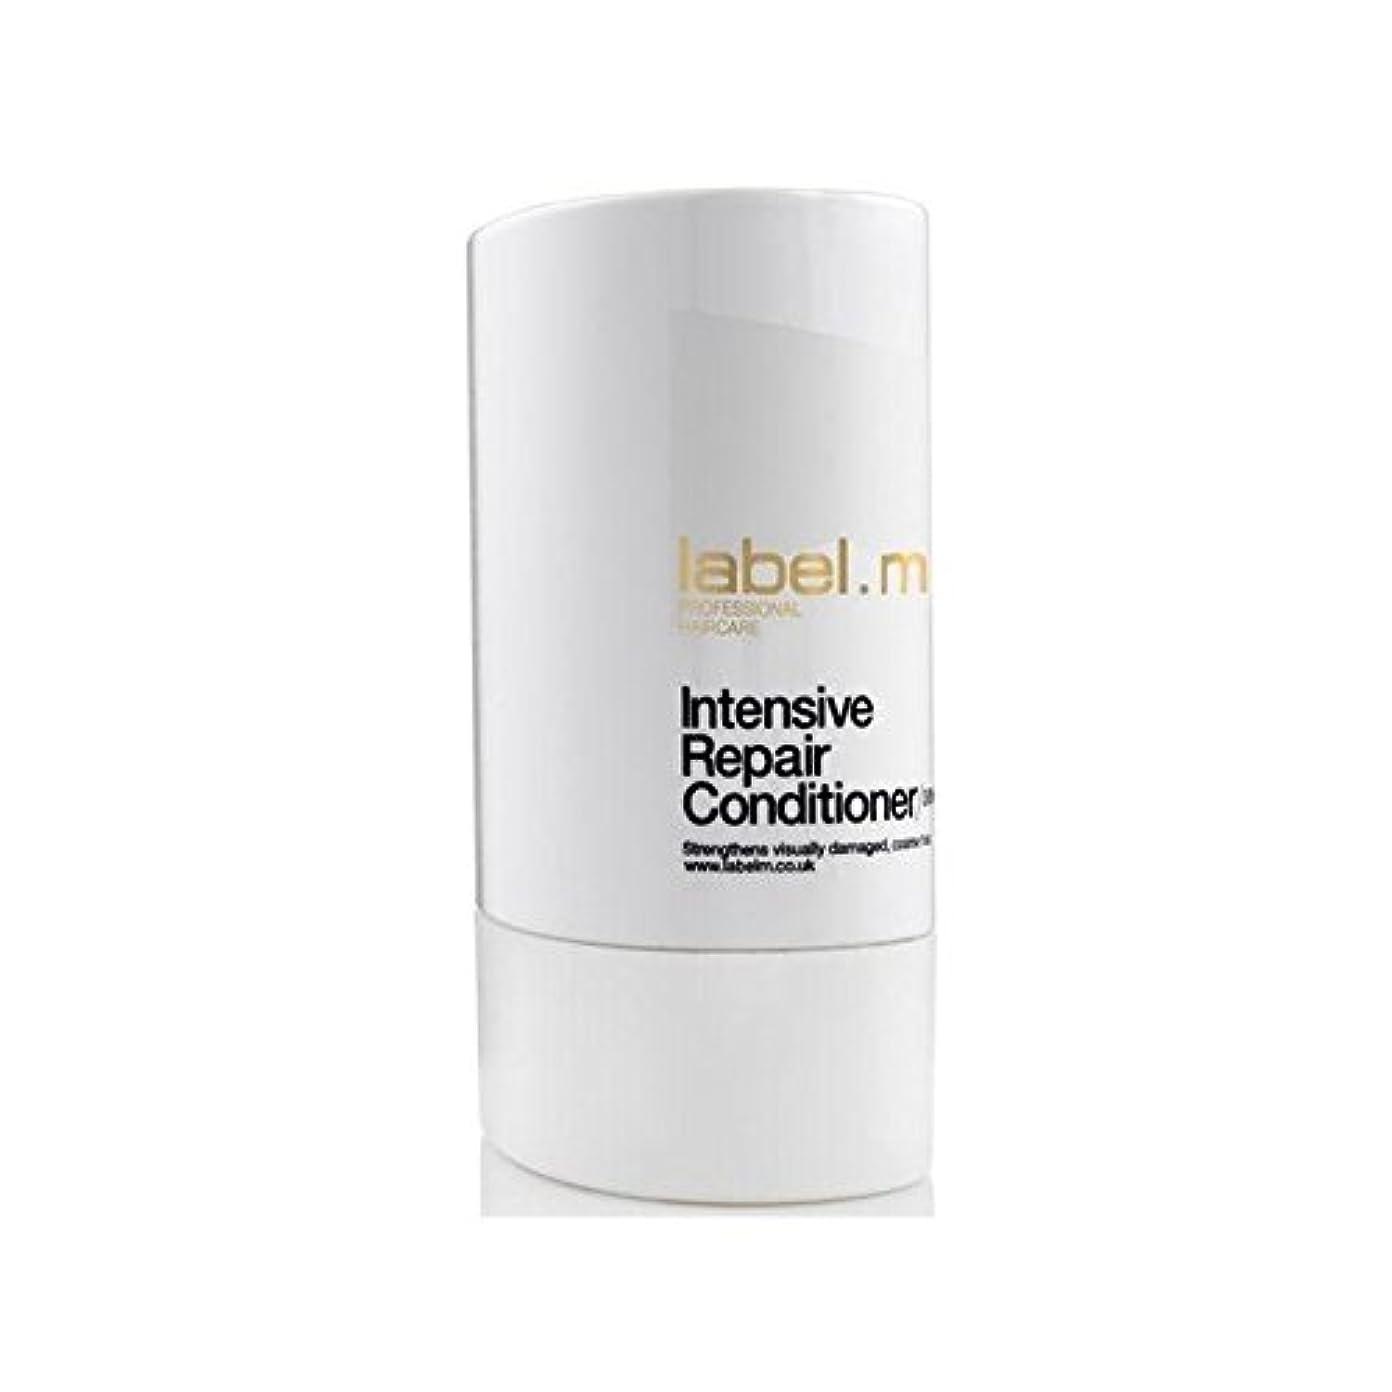 効果発生間隔Label.M Intensive Repair Conditioner (300ml) - .の集中リペアコンディショナー(300ミリリットル) [並行輸入品]